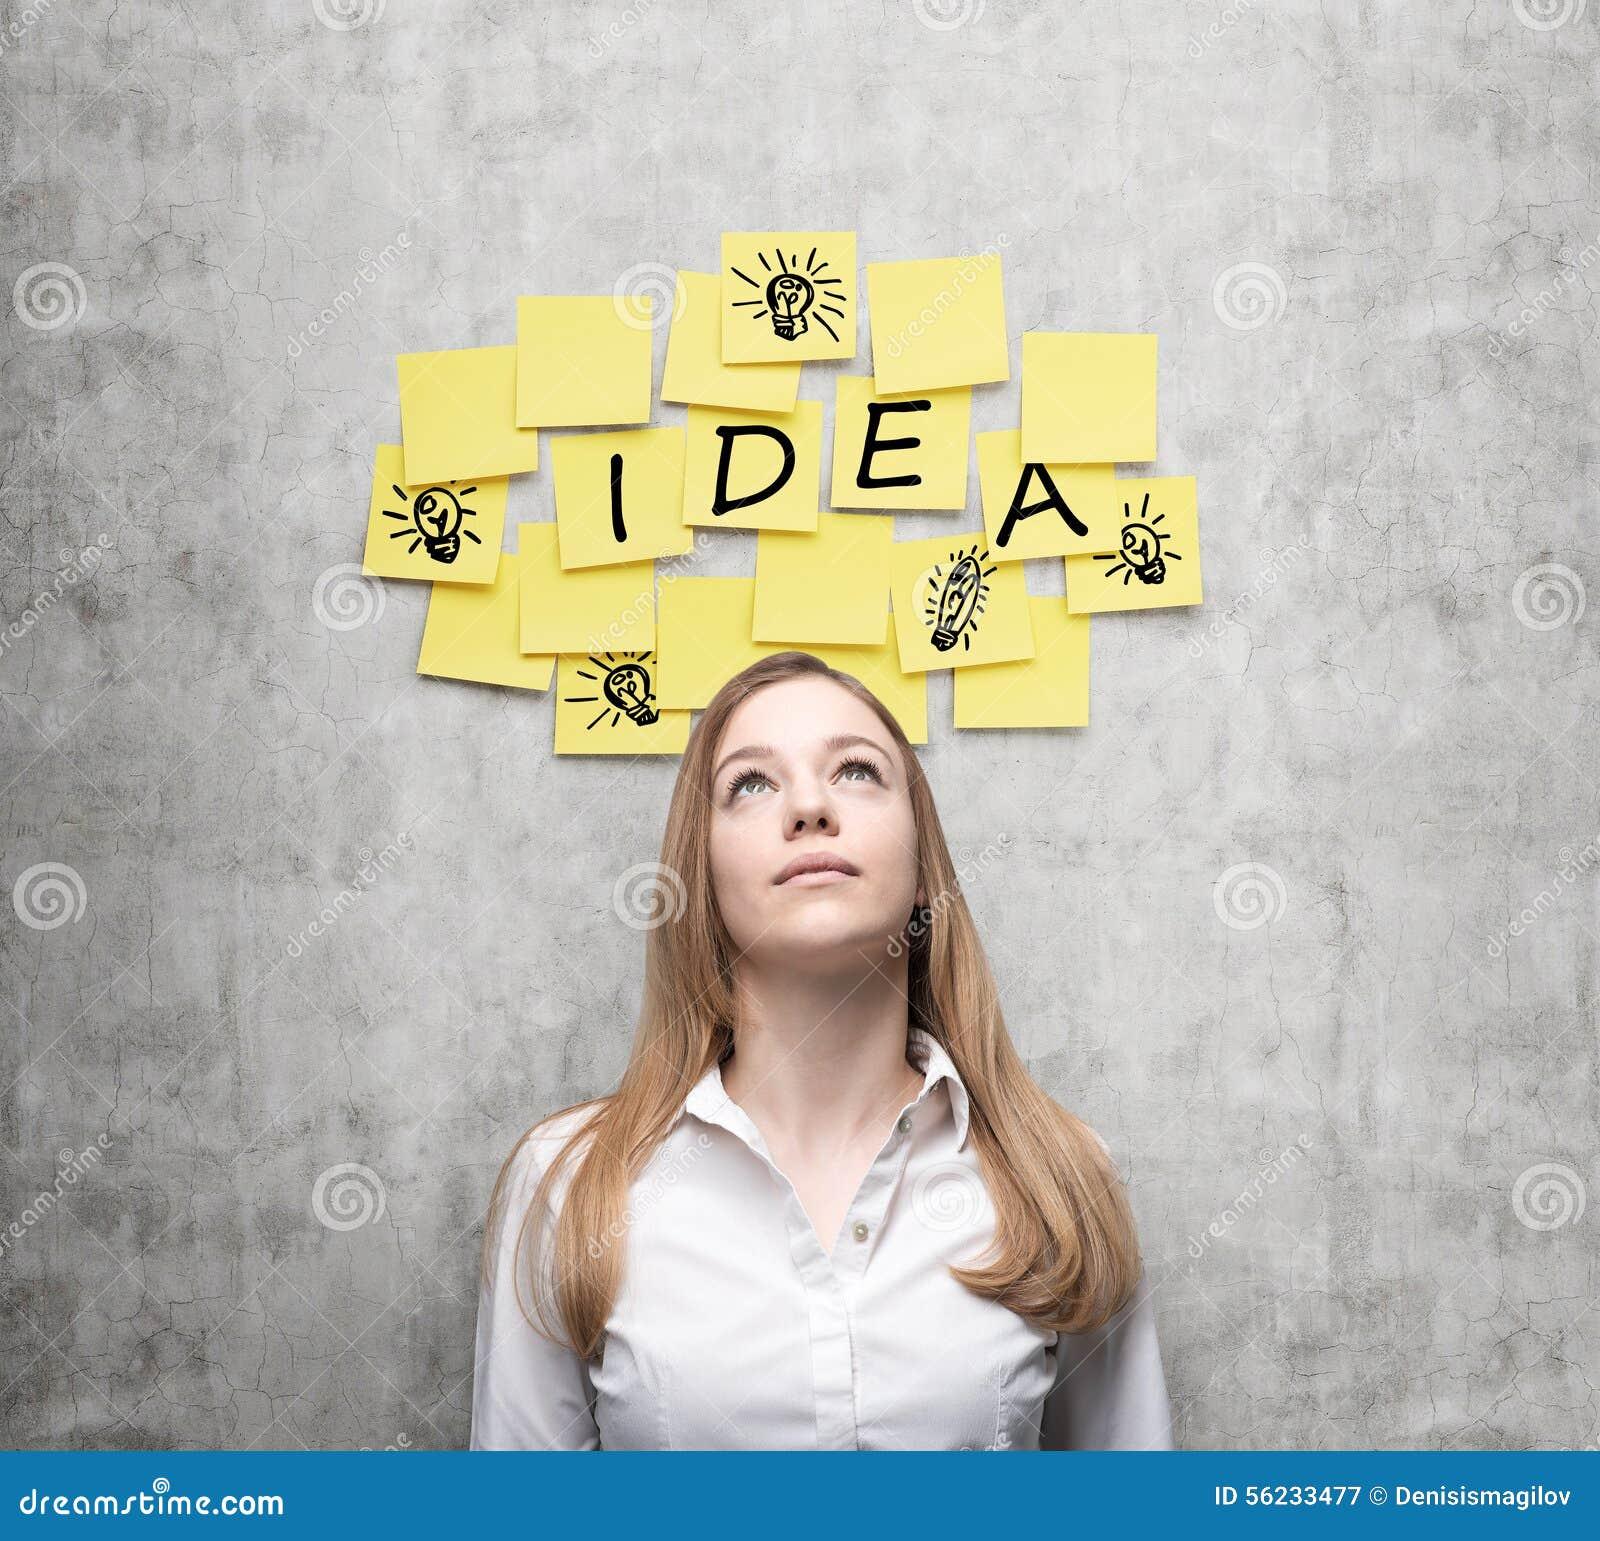 New business idea areira